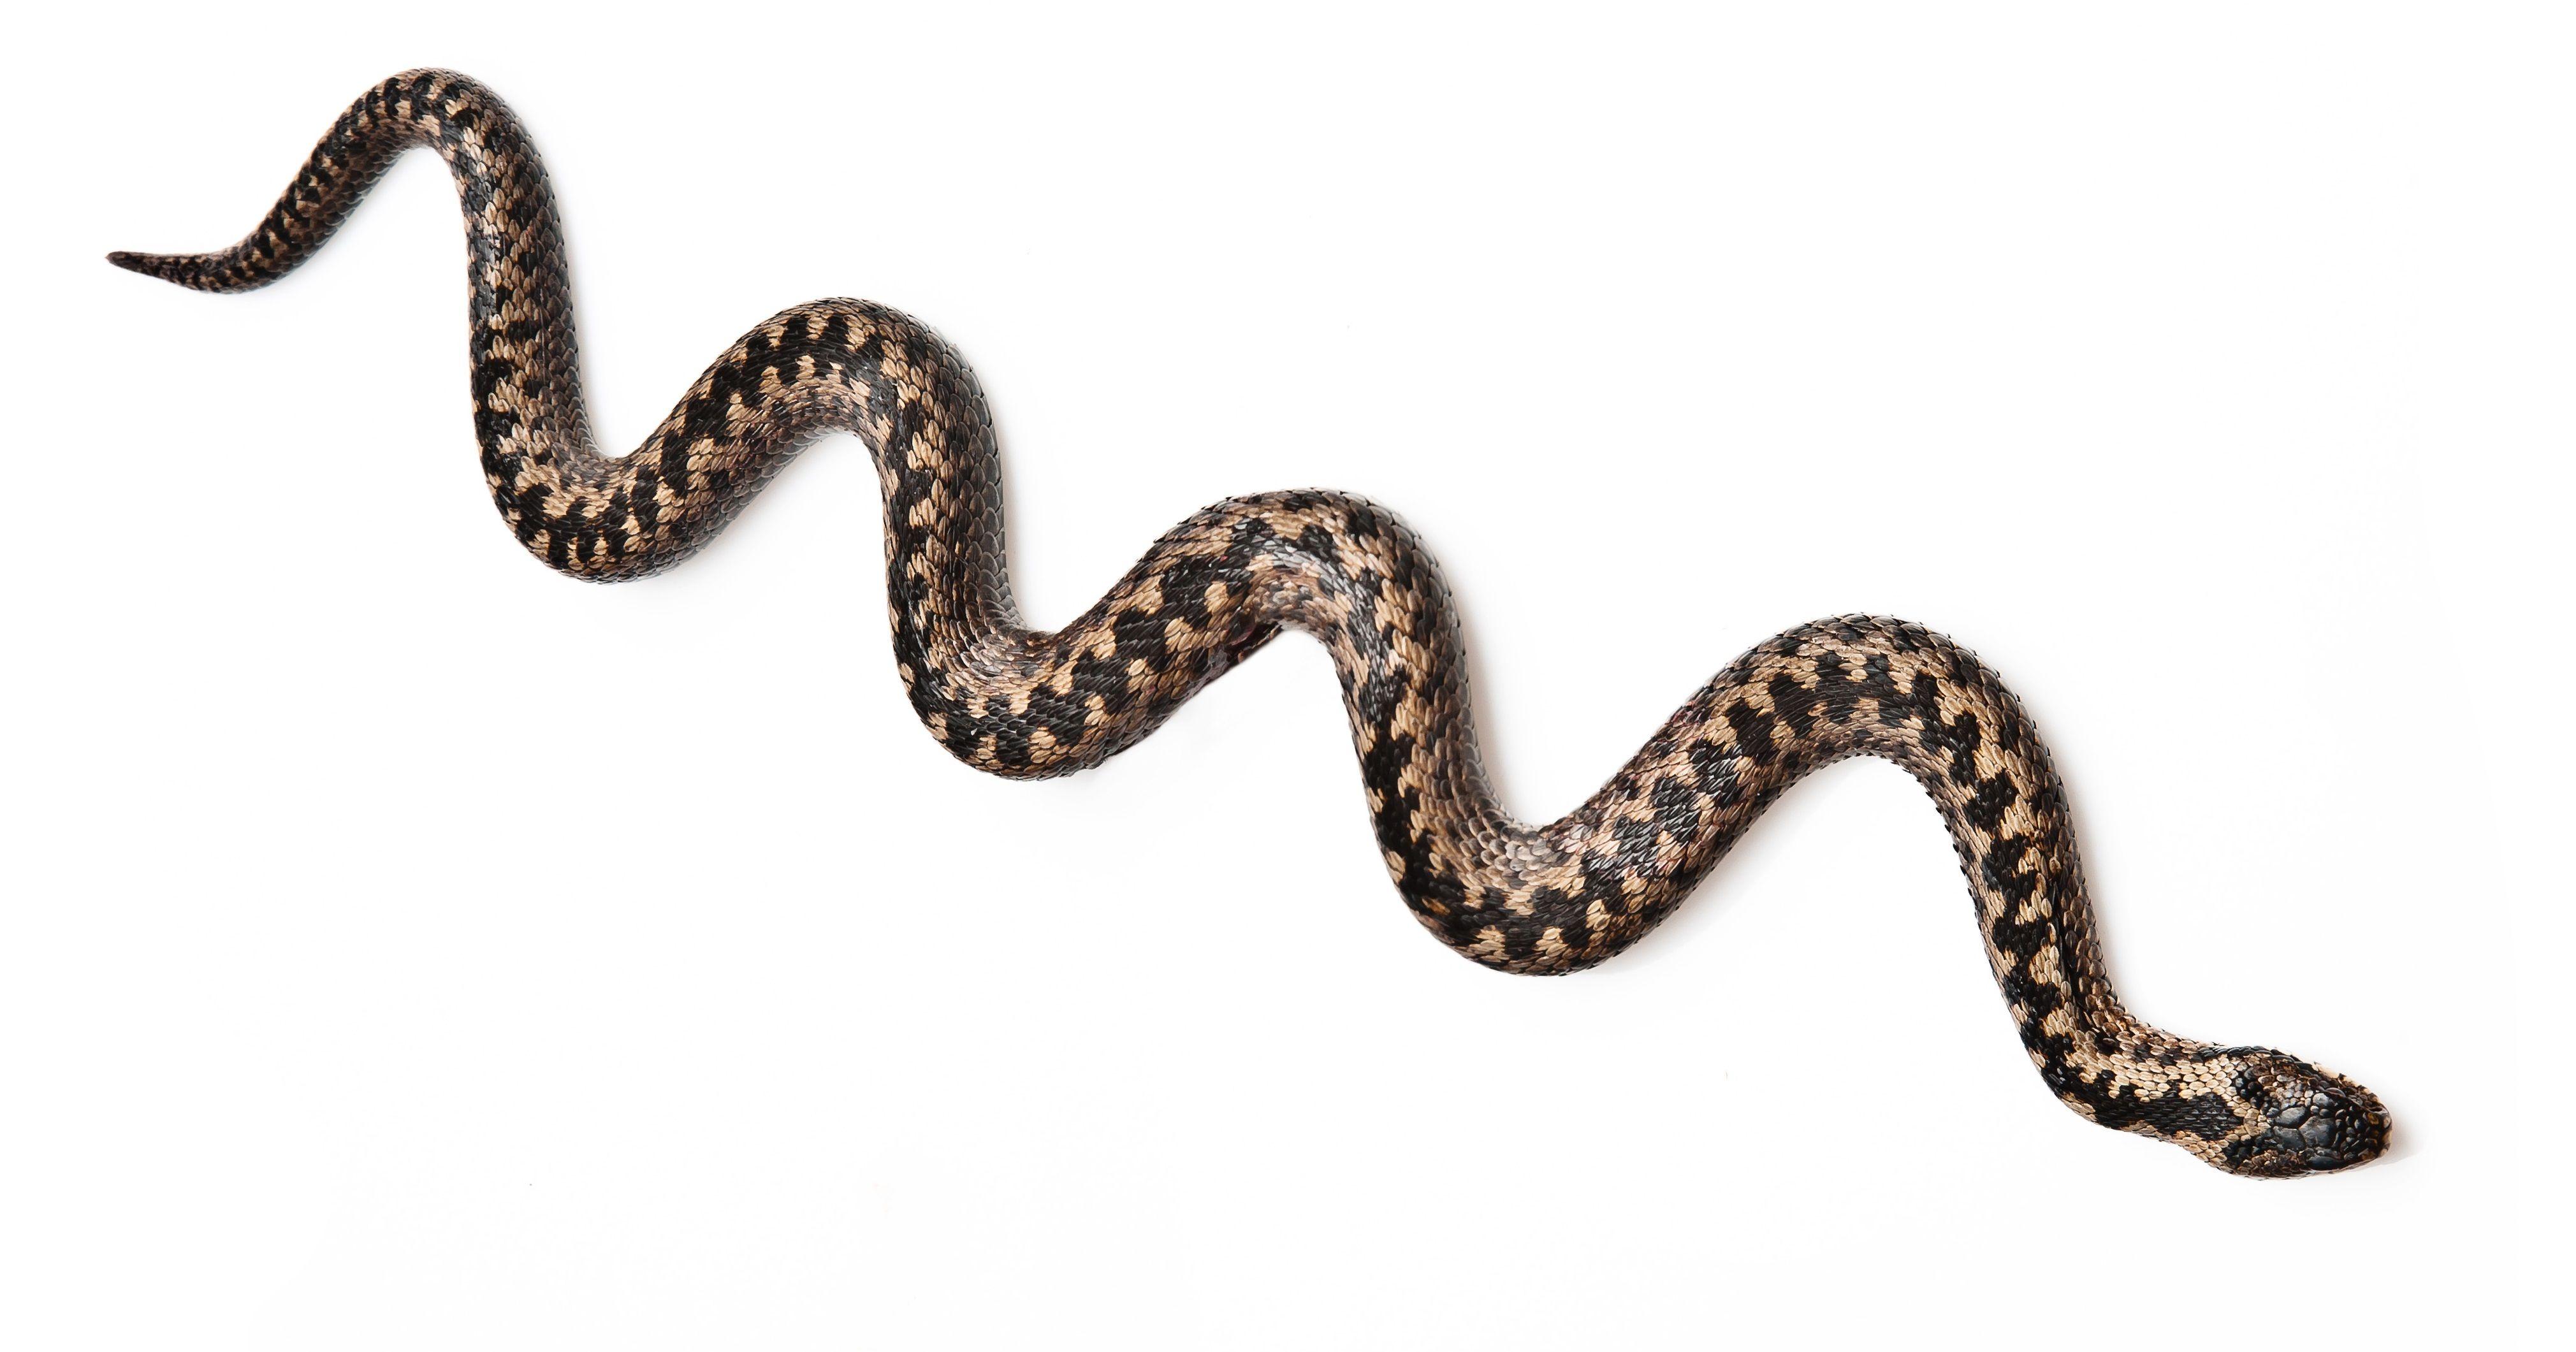 Главная опасность змей сейчас в том, что они только проснулись. Фото: Shutterstock